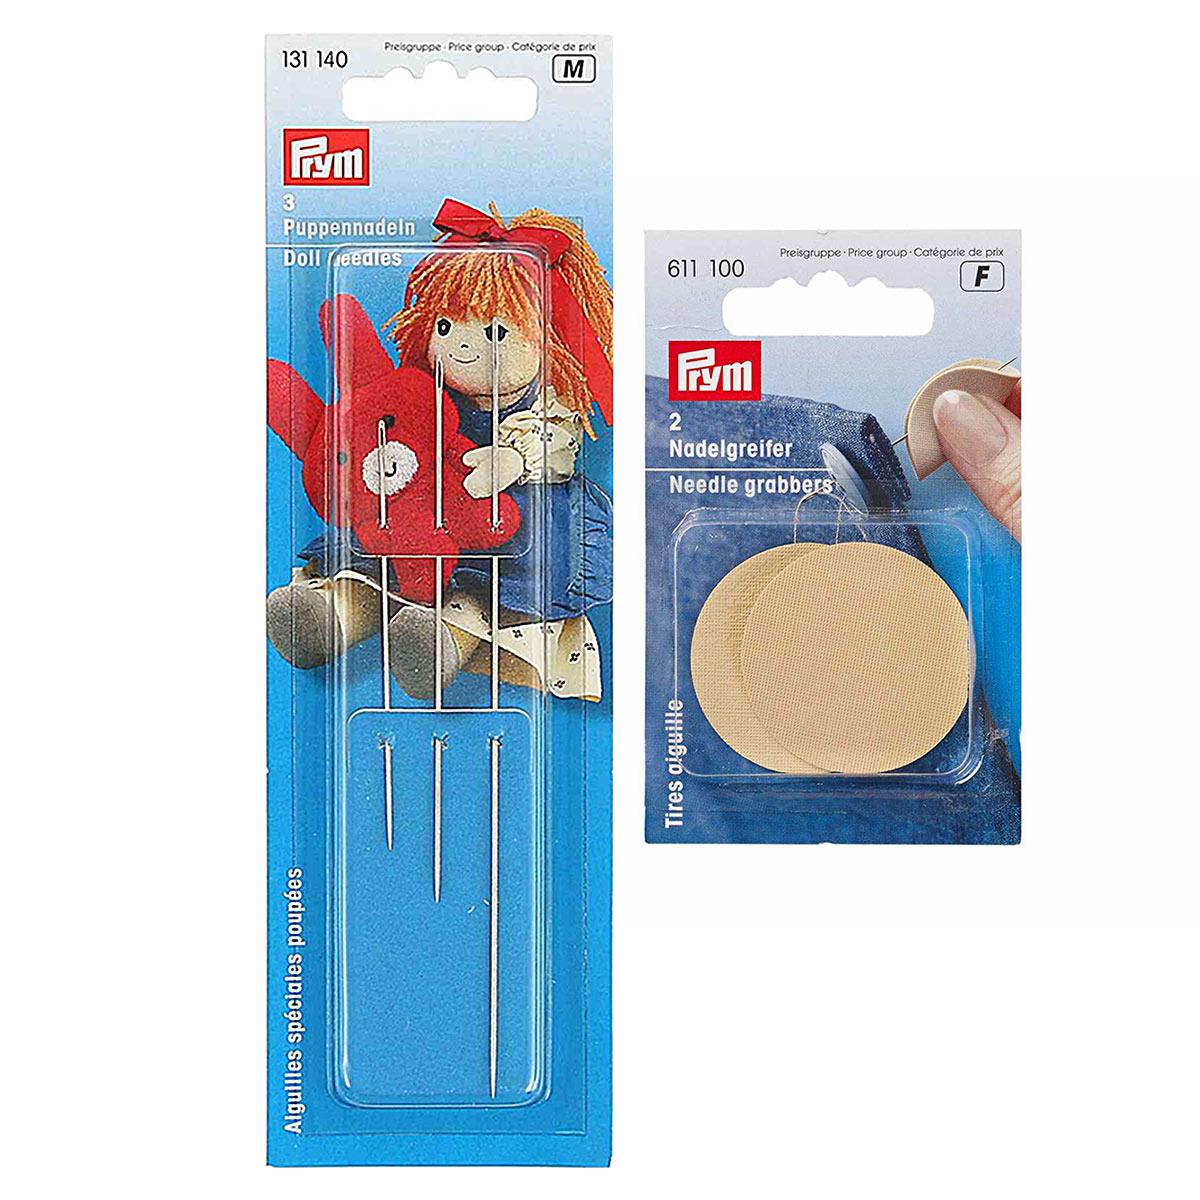 Набор игл для мягких игрушек с грейфером, Prym